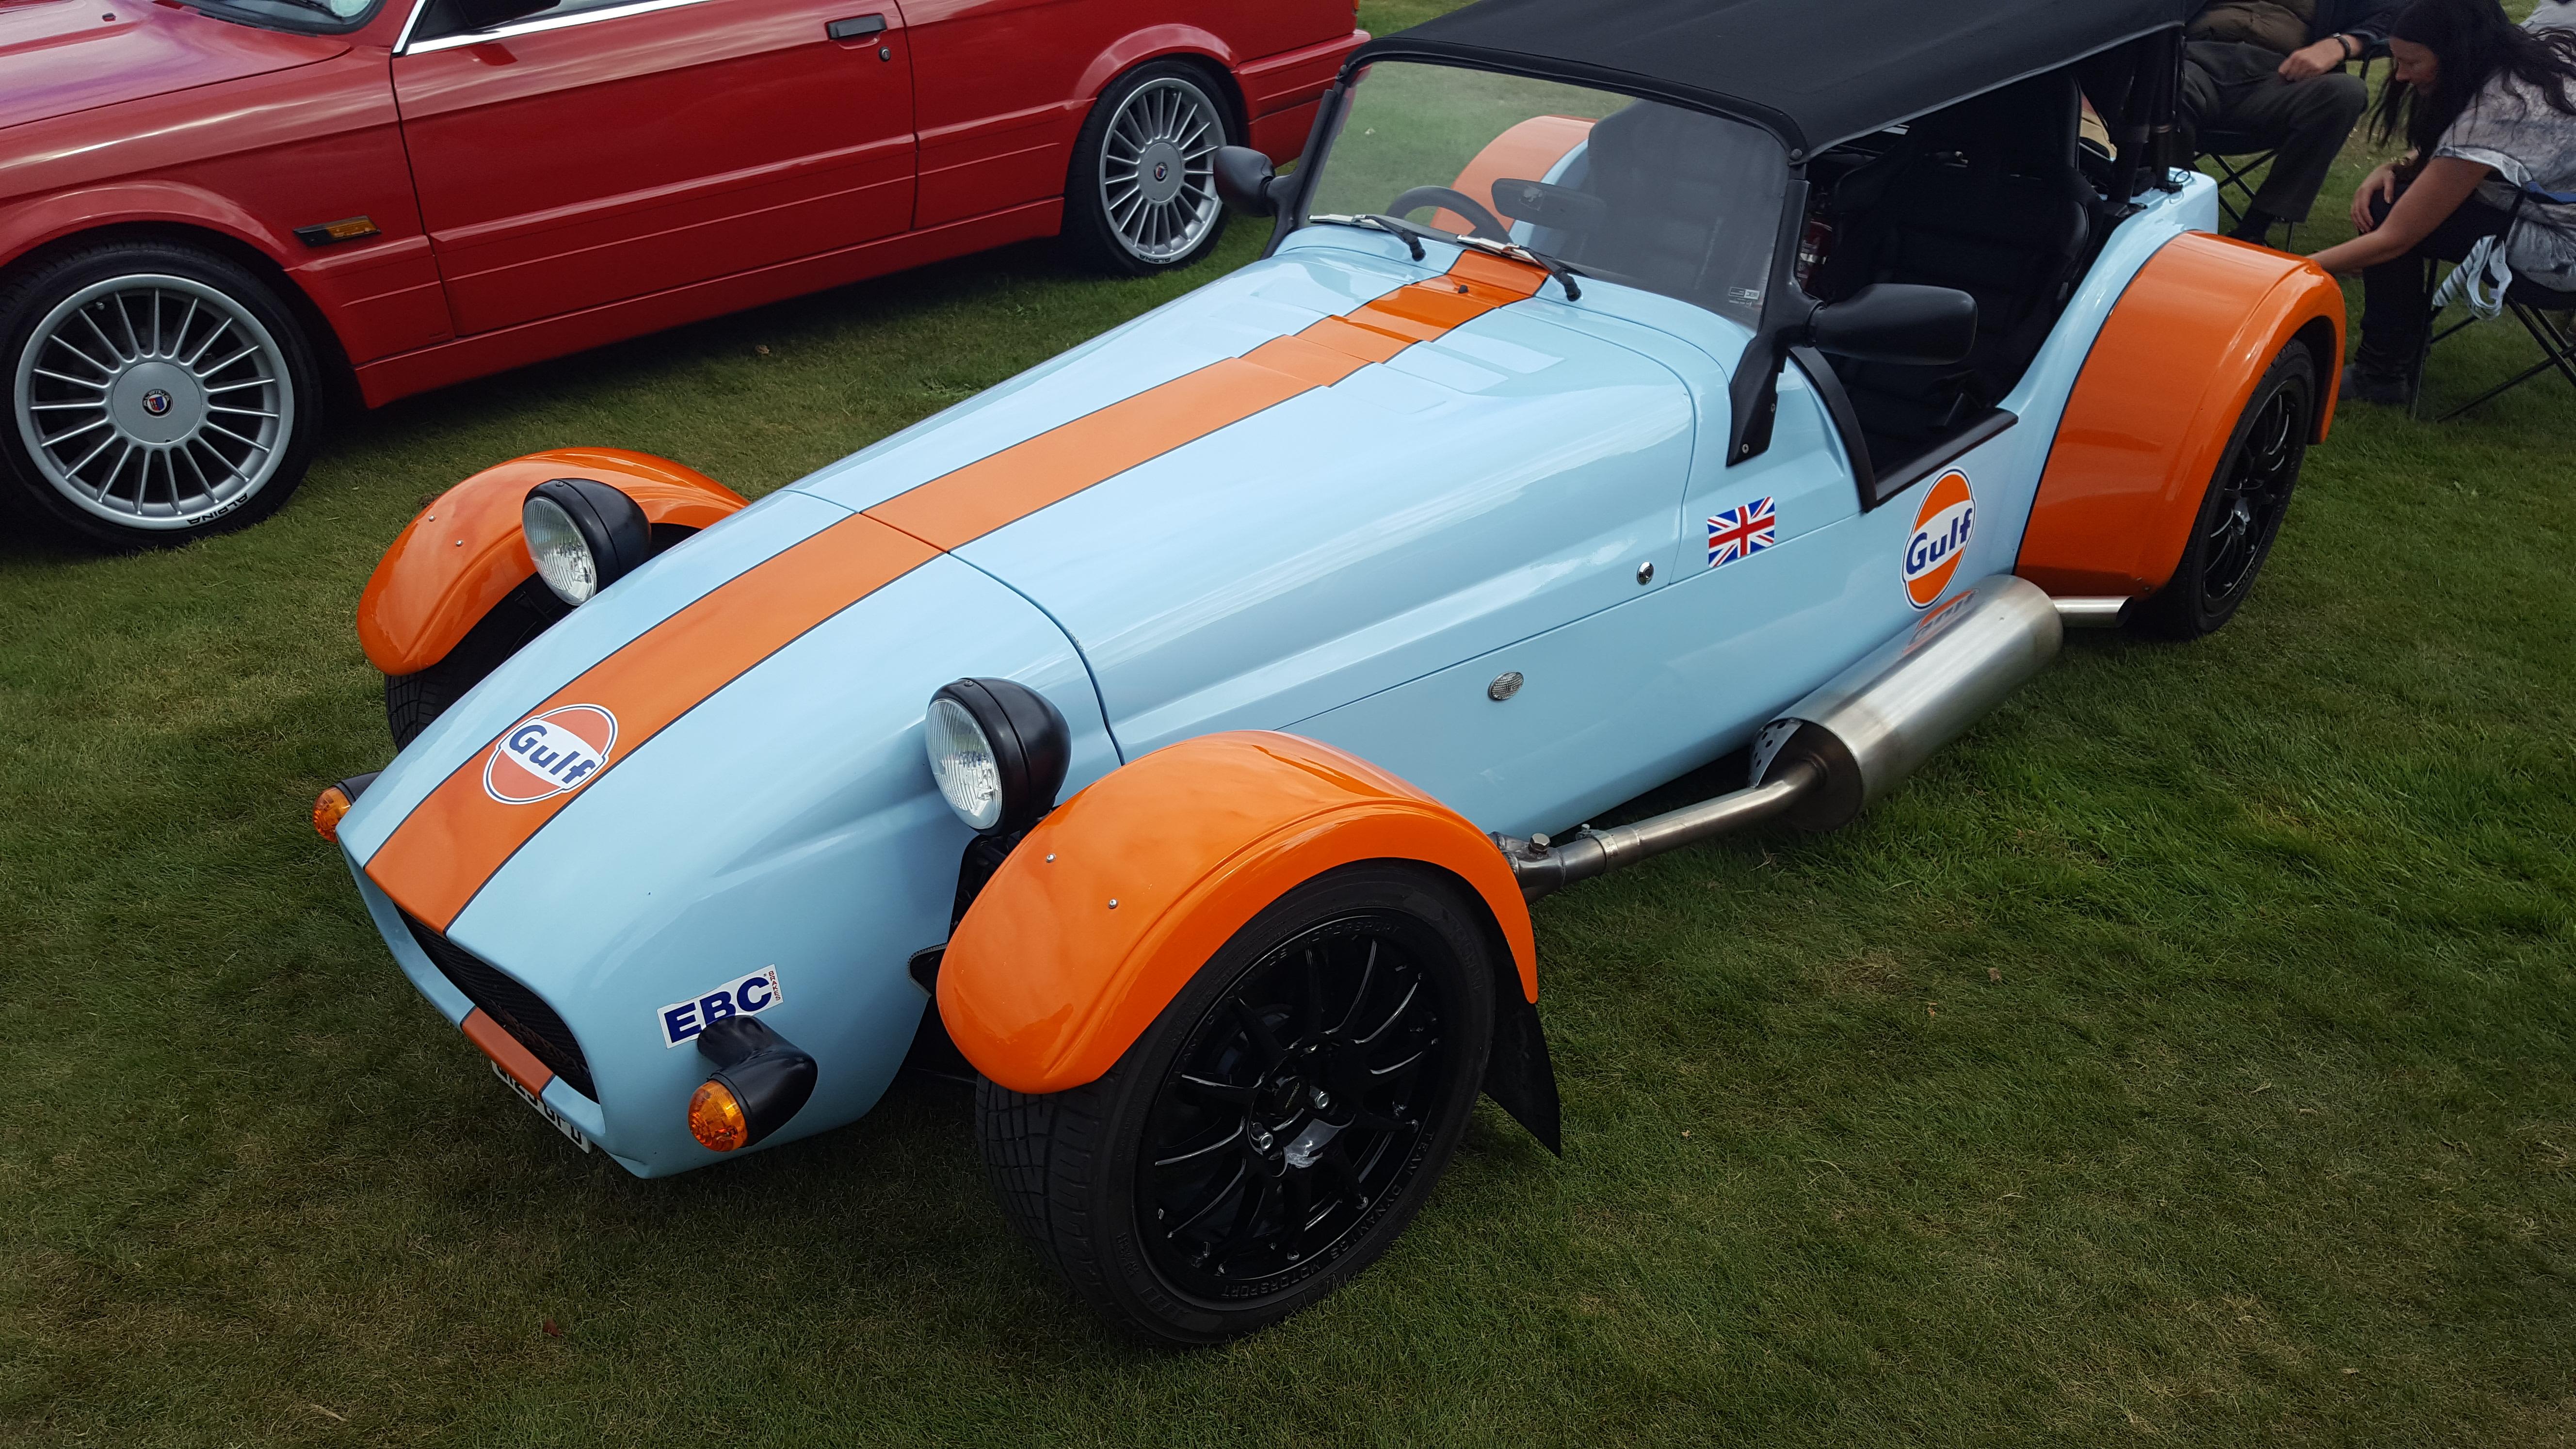 Locke Park Car Show